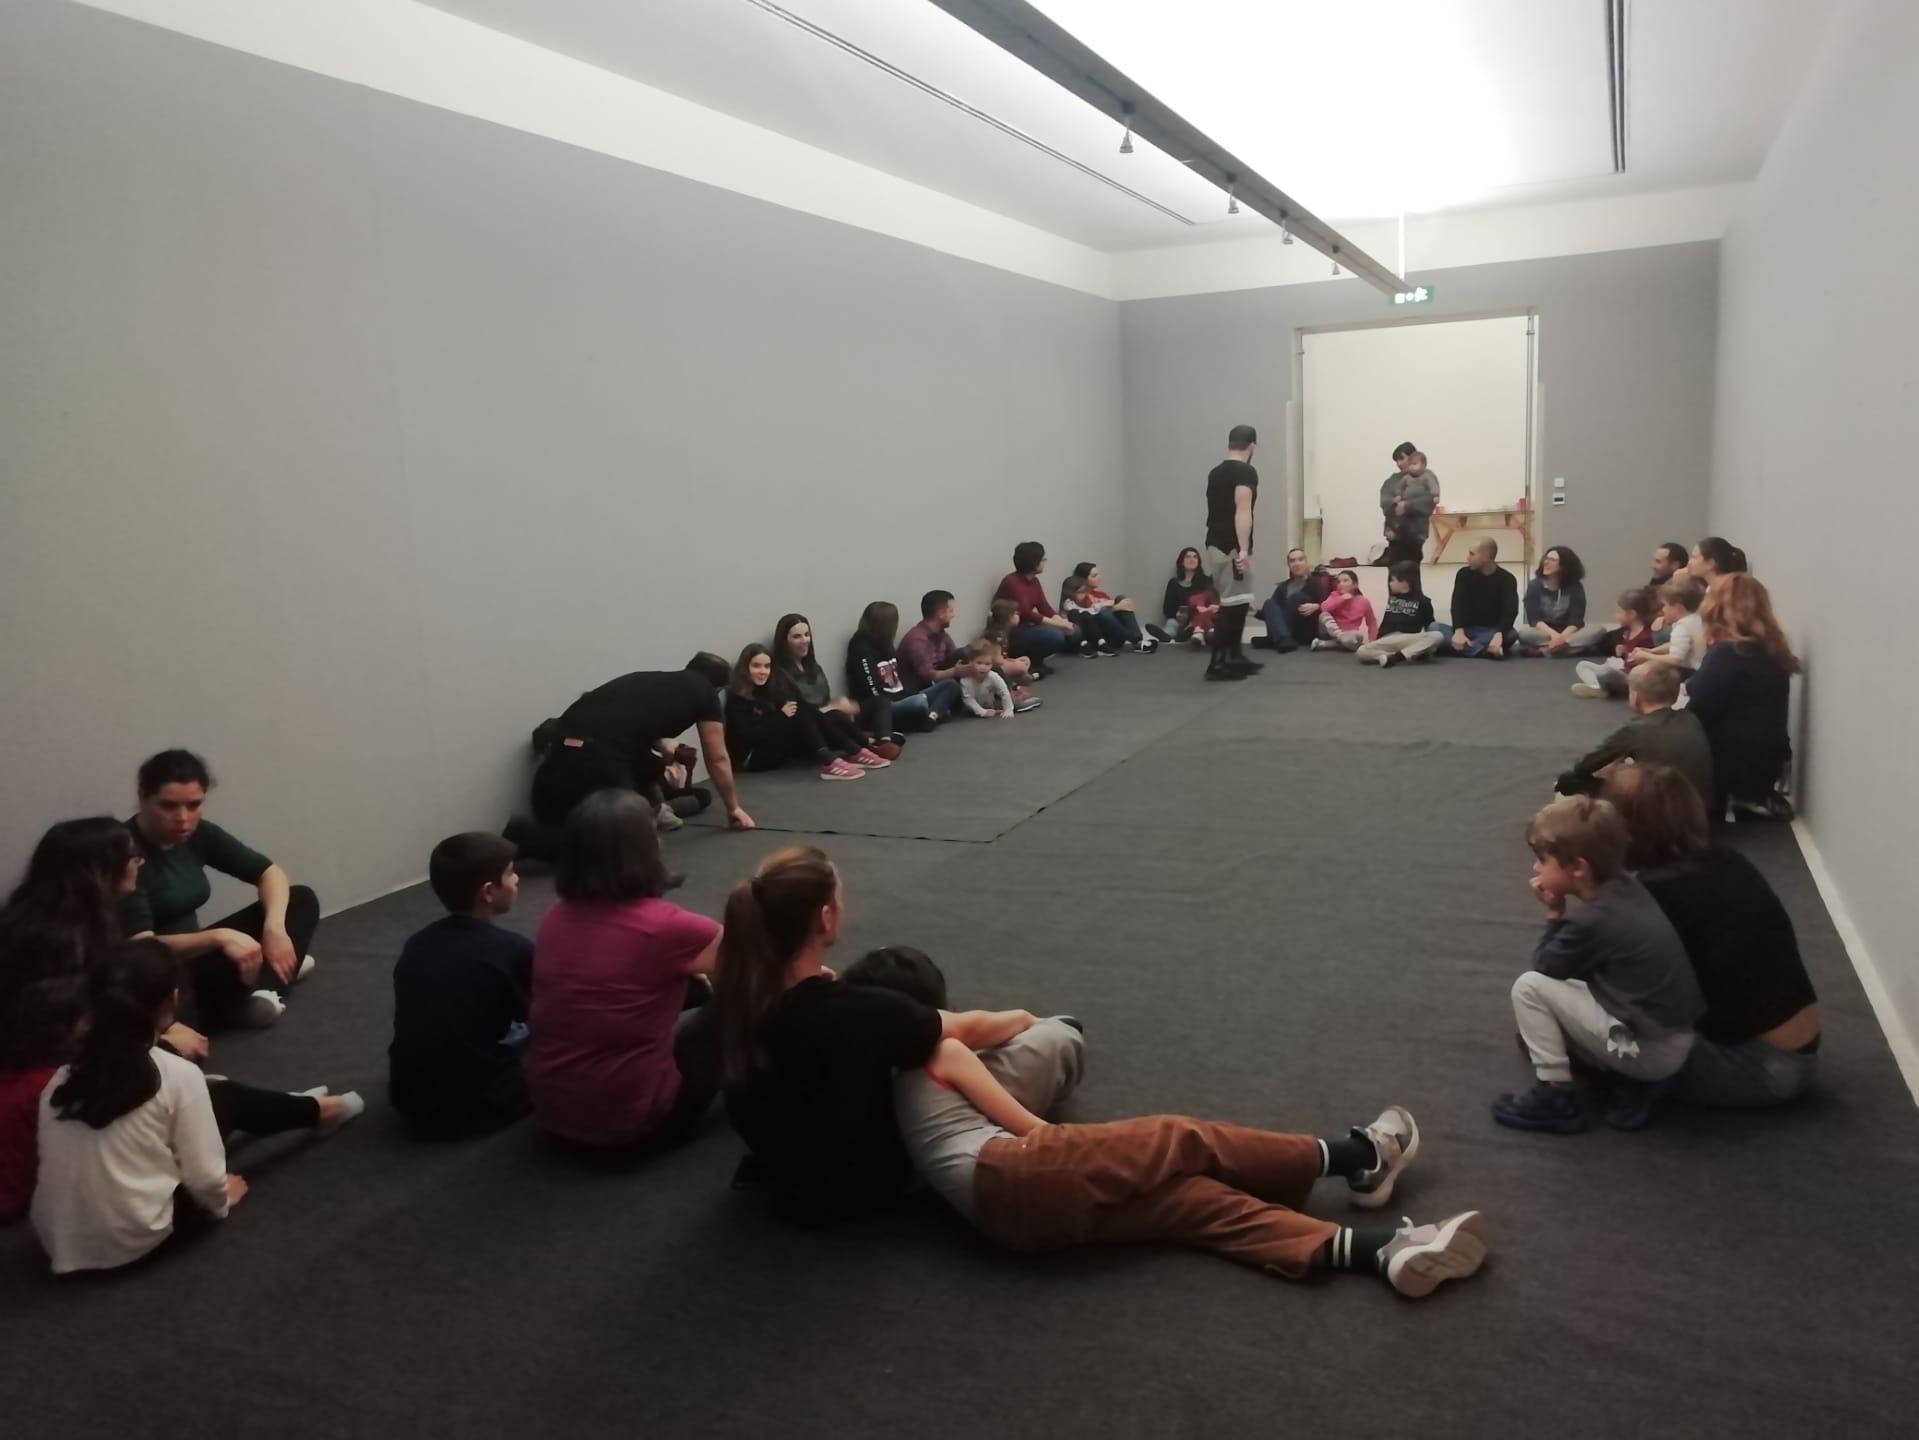 Breve registo fotográfico da sessão do Workshop Artístico de Dança